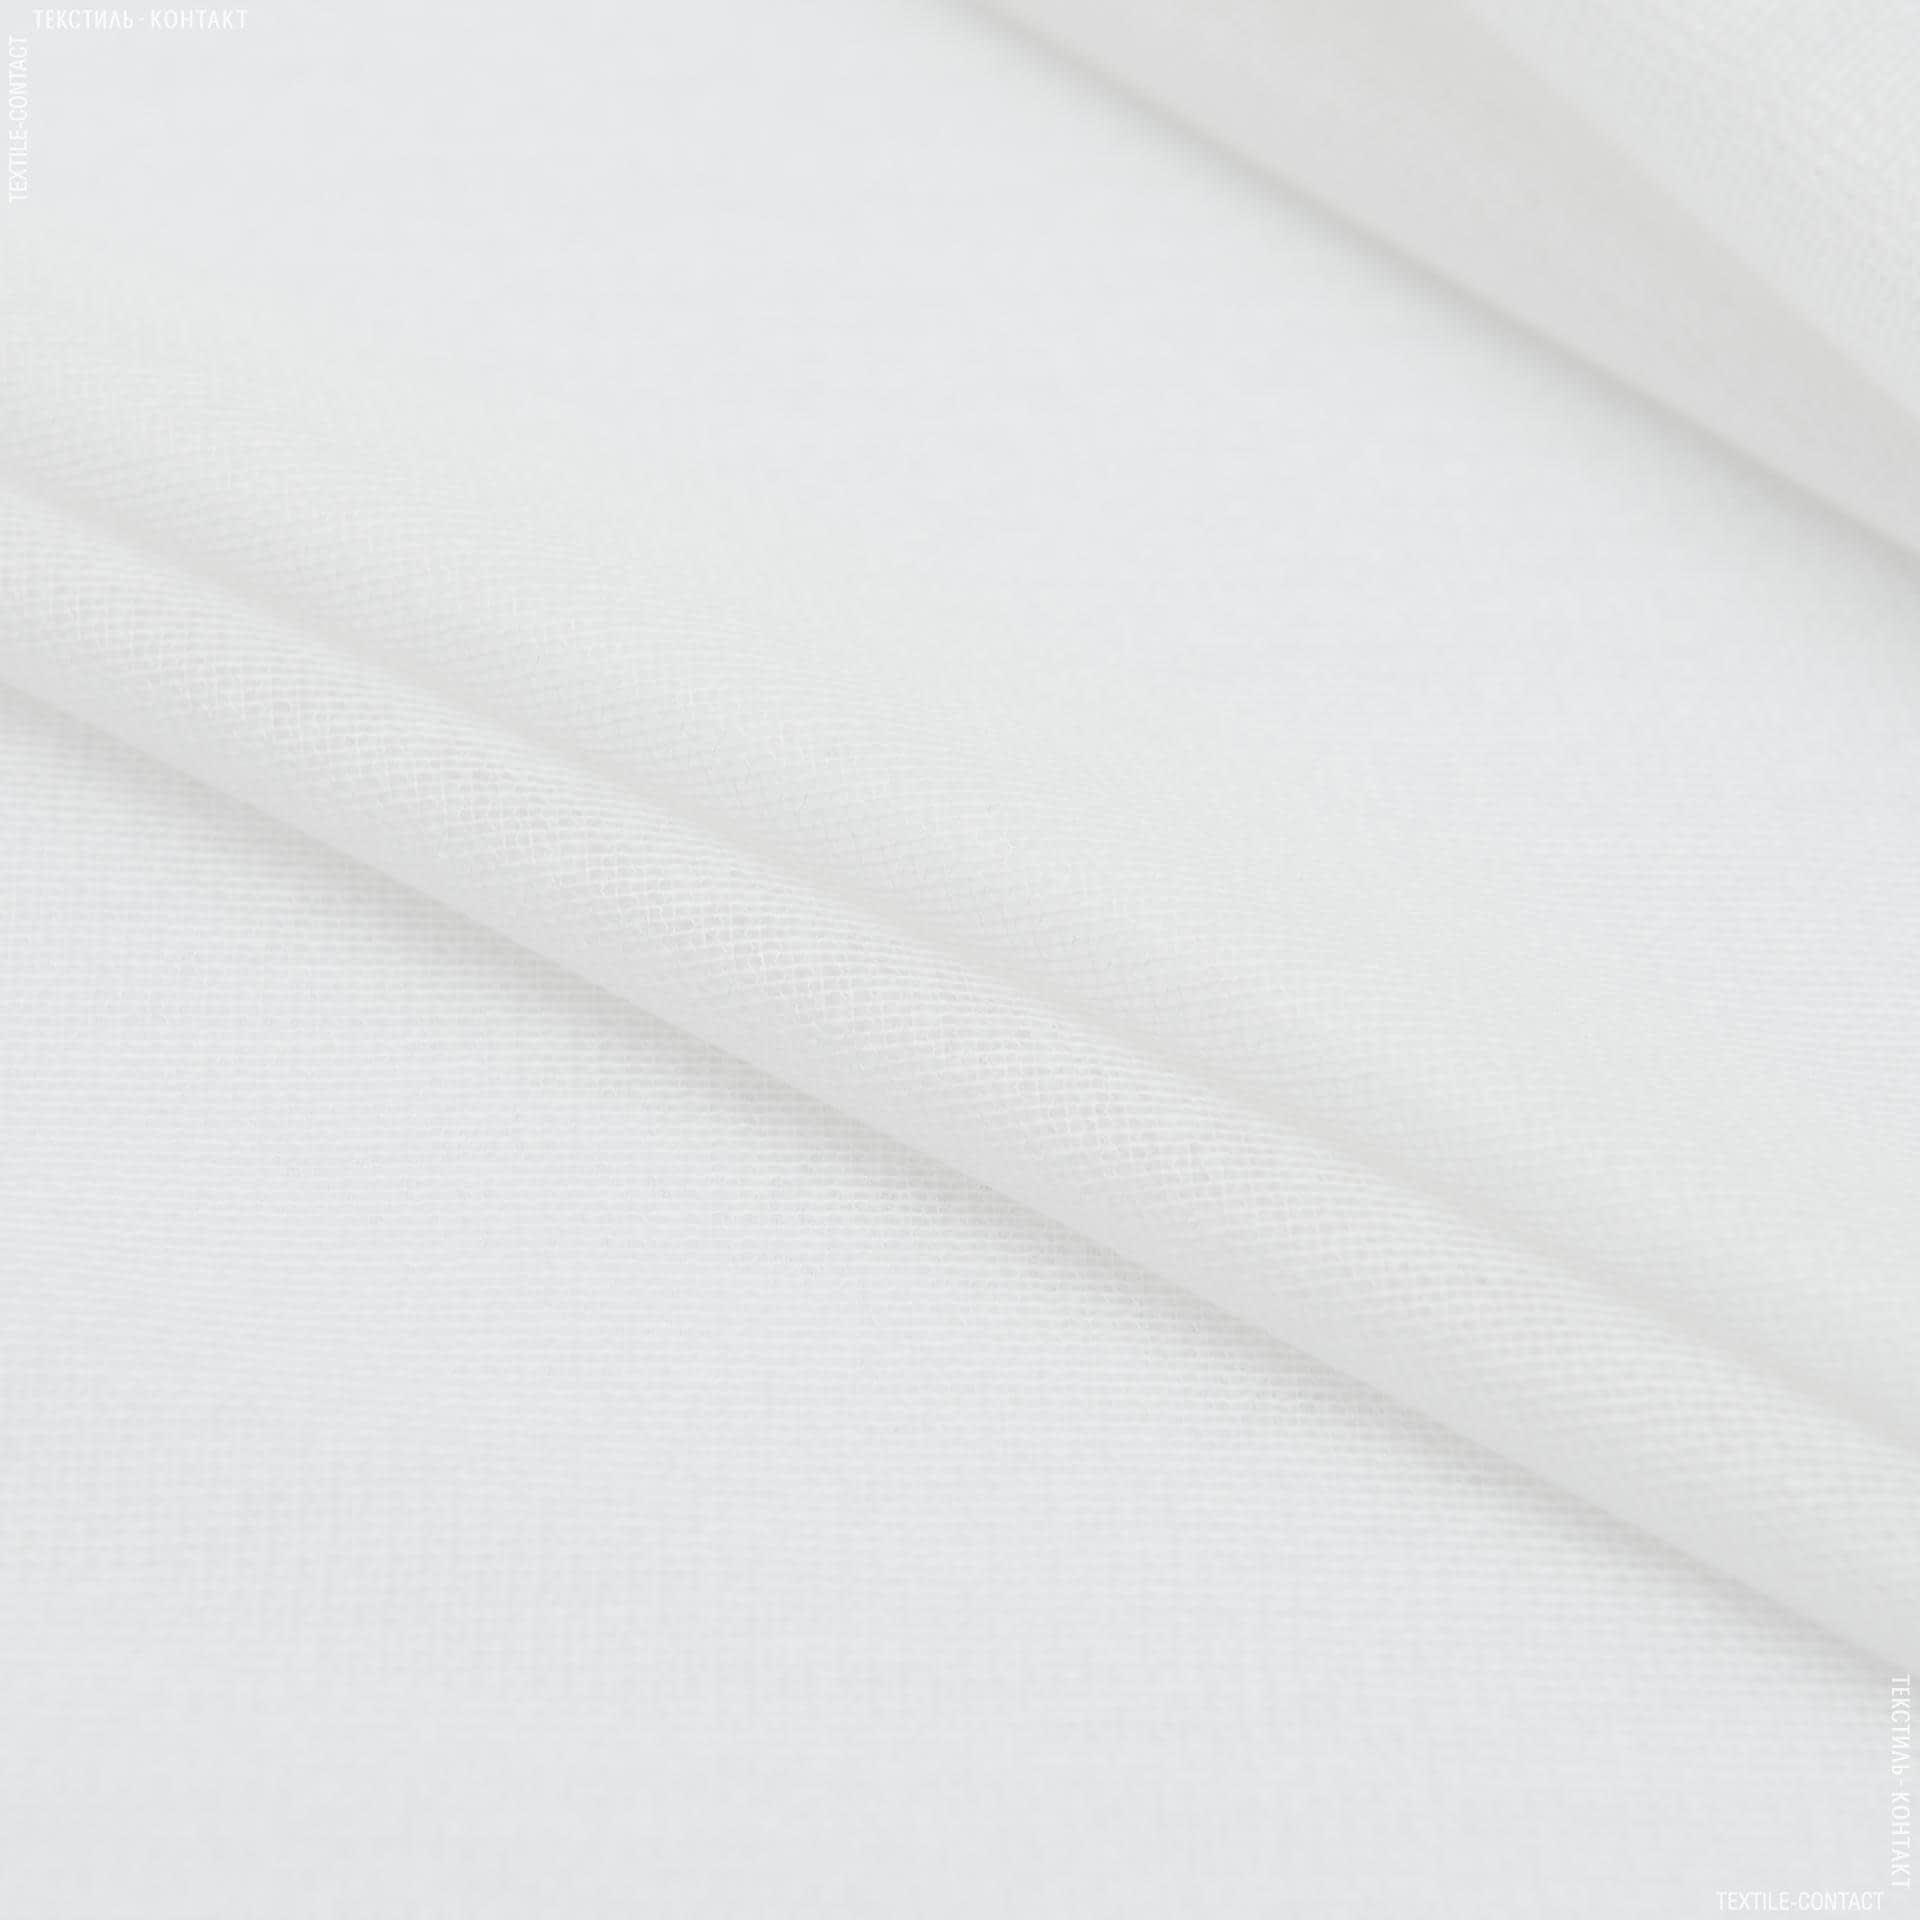 Тканини дублірин - Дублірин трикотажний білий 60г/м.кв.